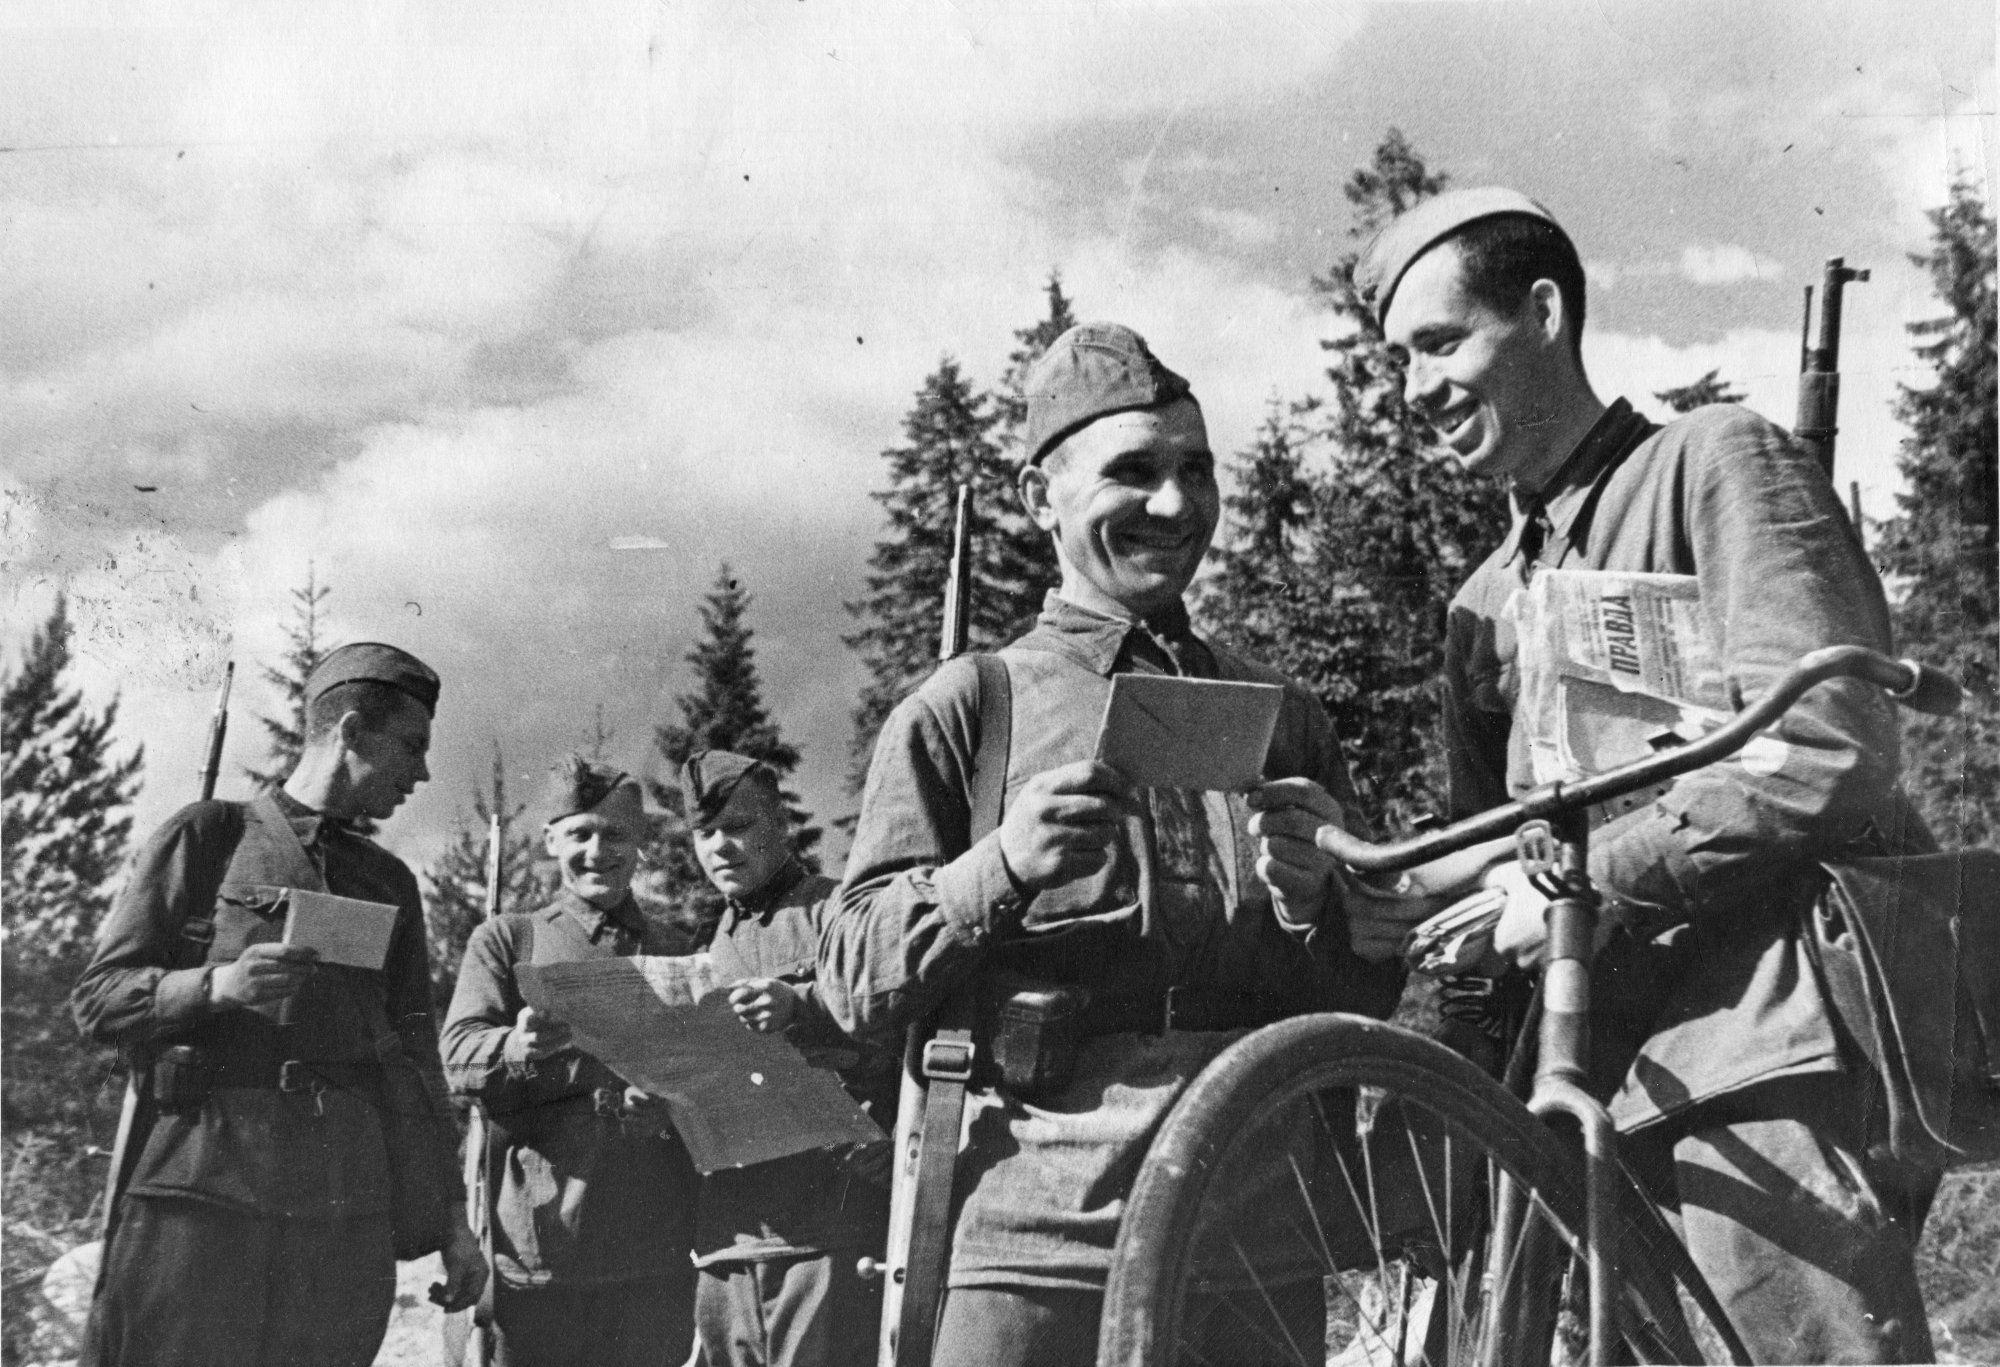 Картинки о войне великой отечественной, картинки надписями пробег